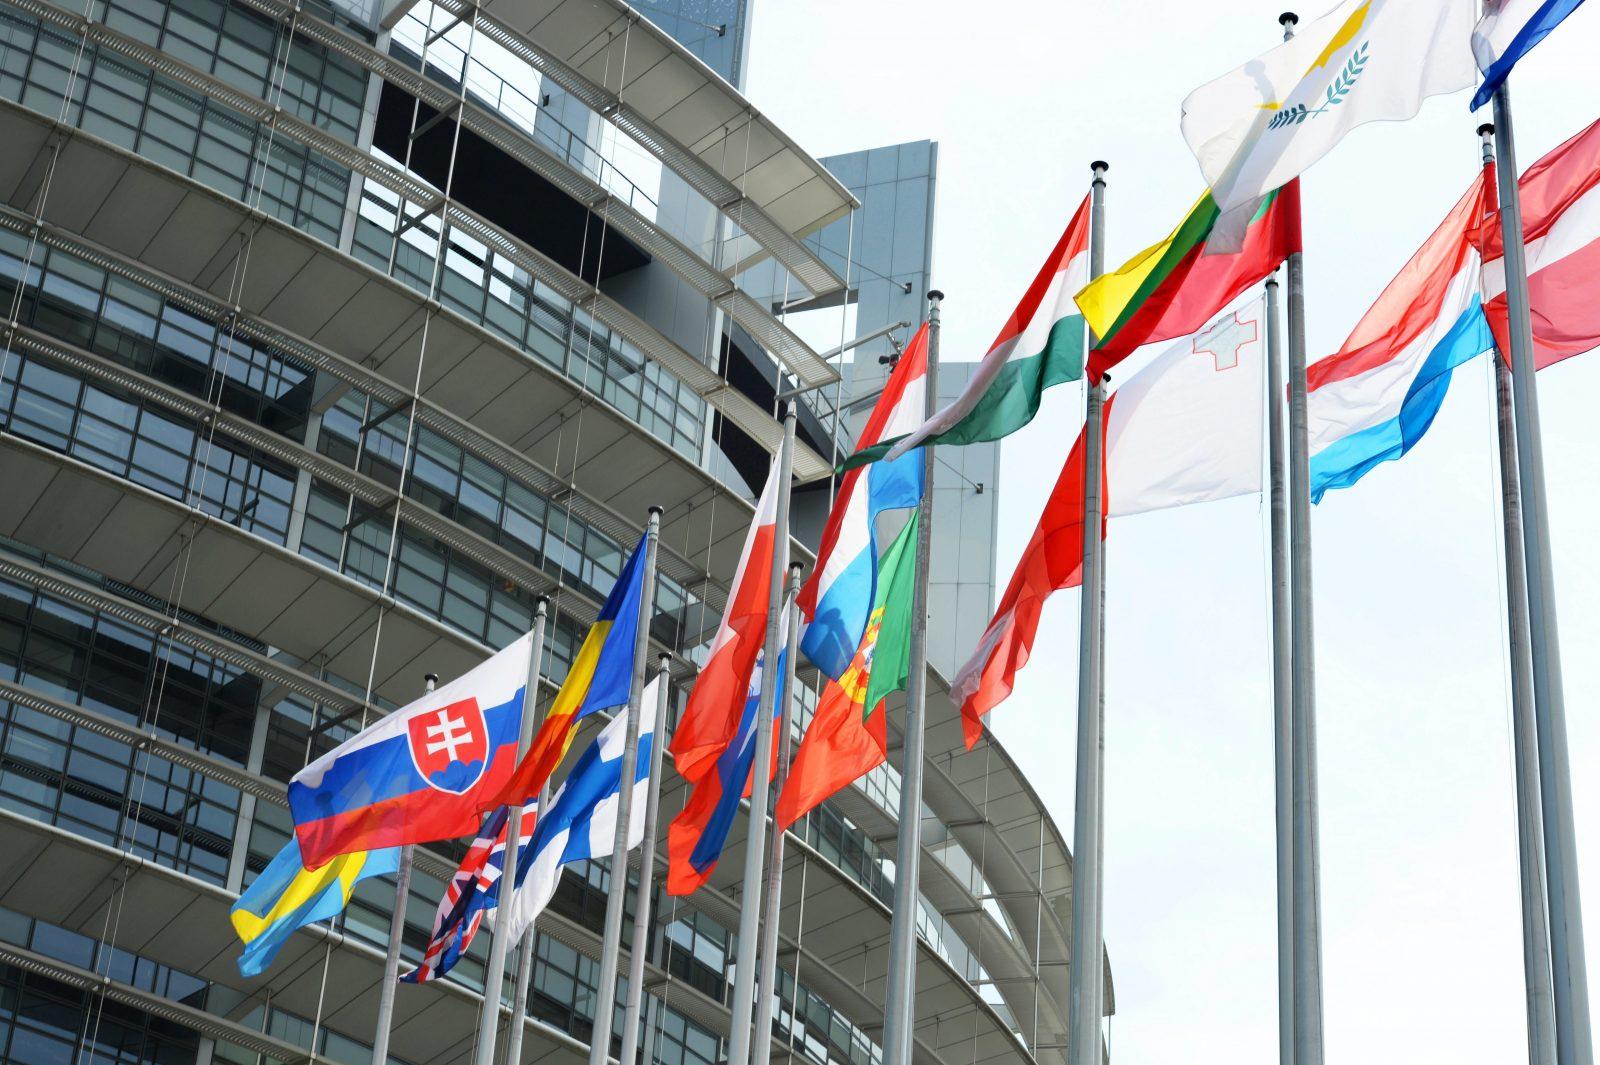 Fahnen der EU-Mitgliedstaaten